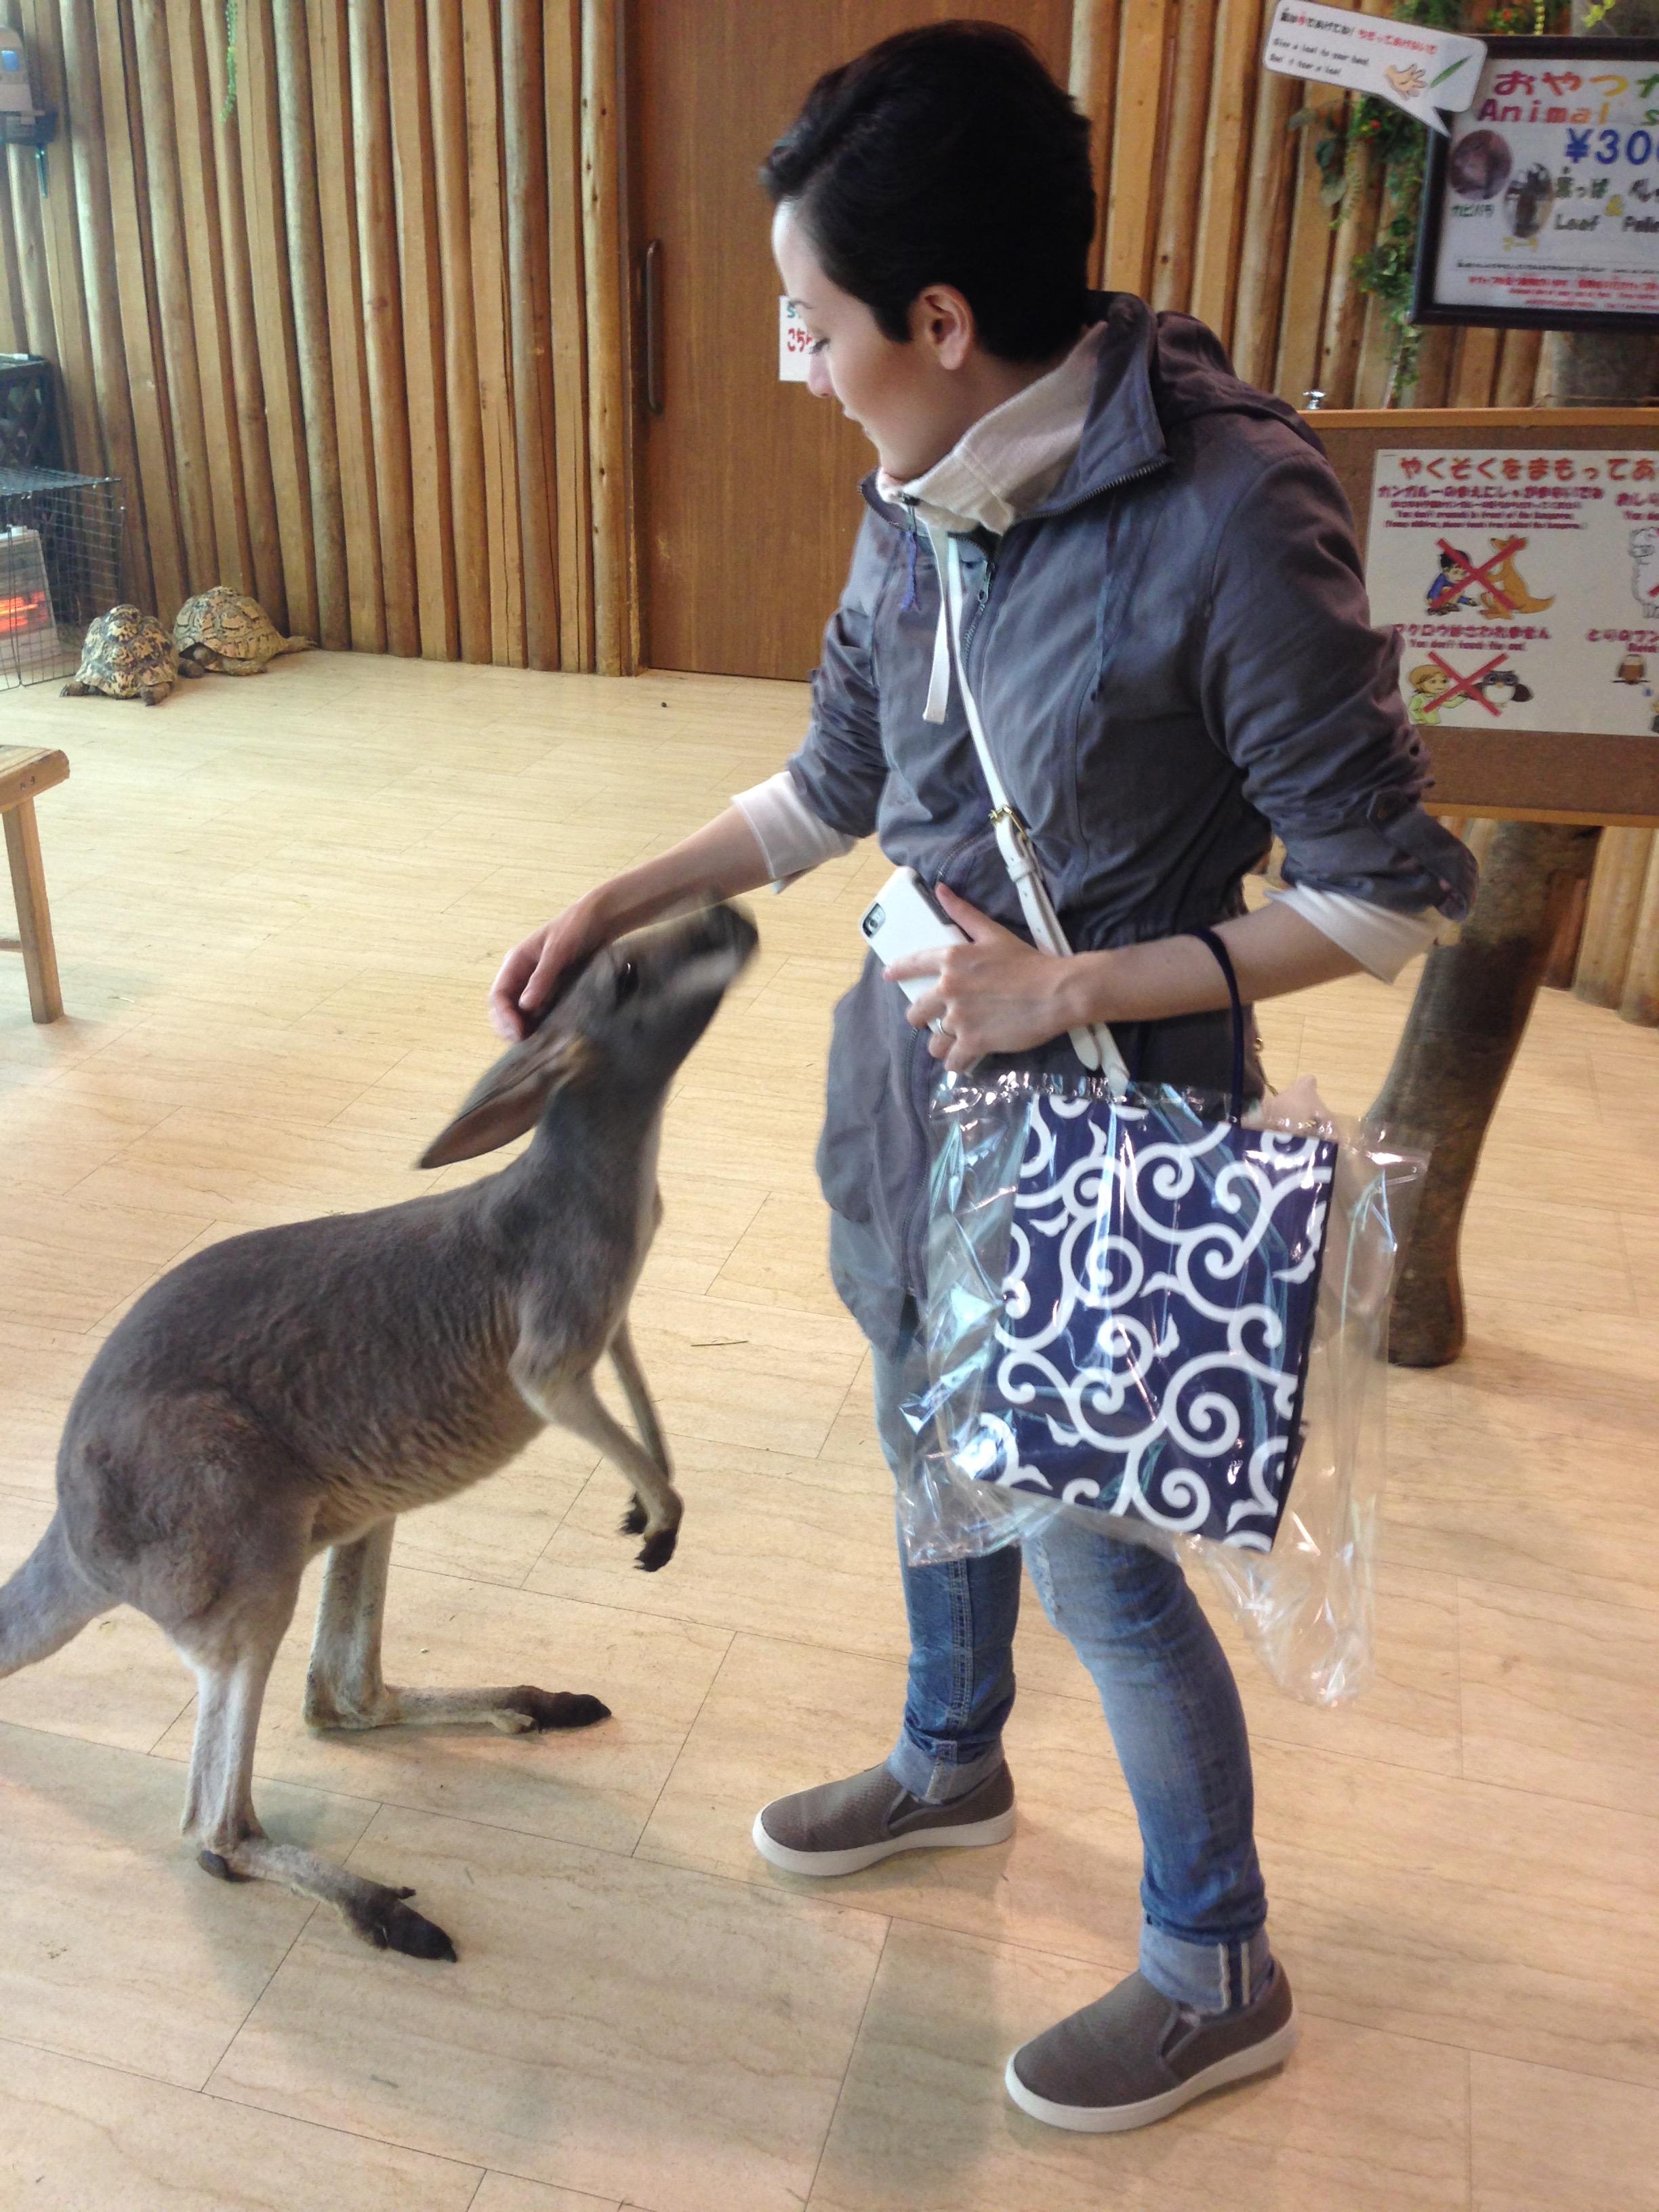 Me and a kangaroo.